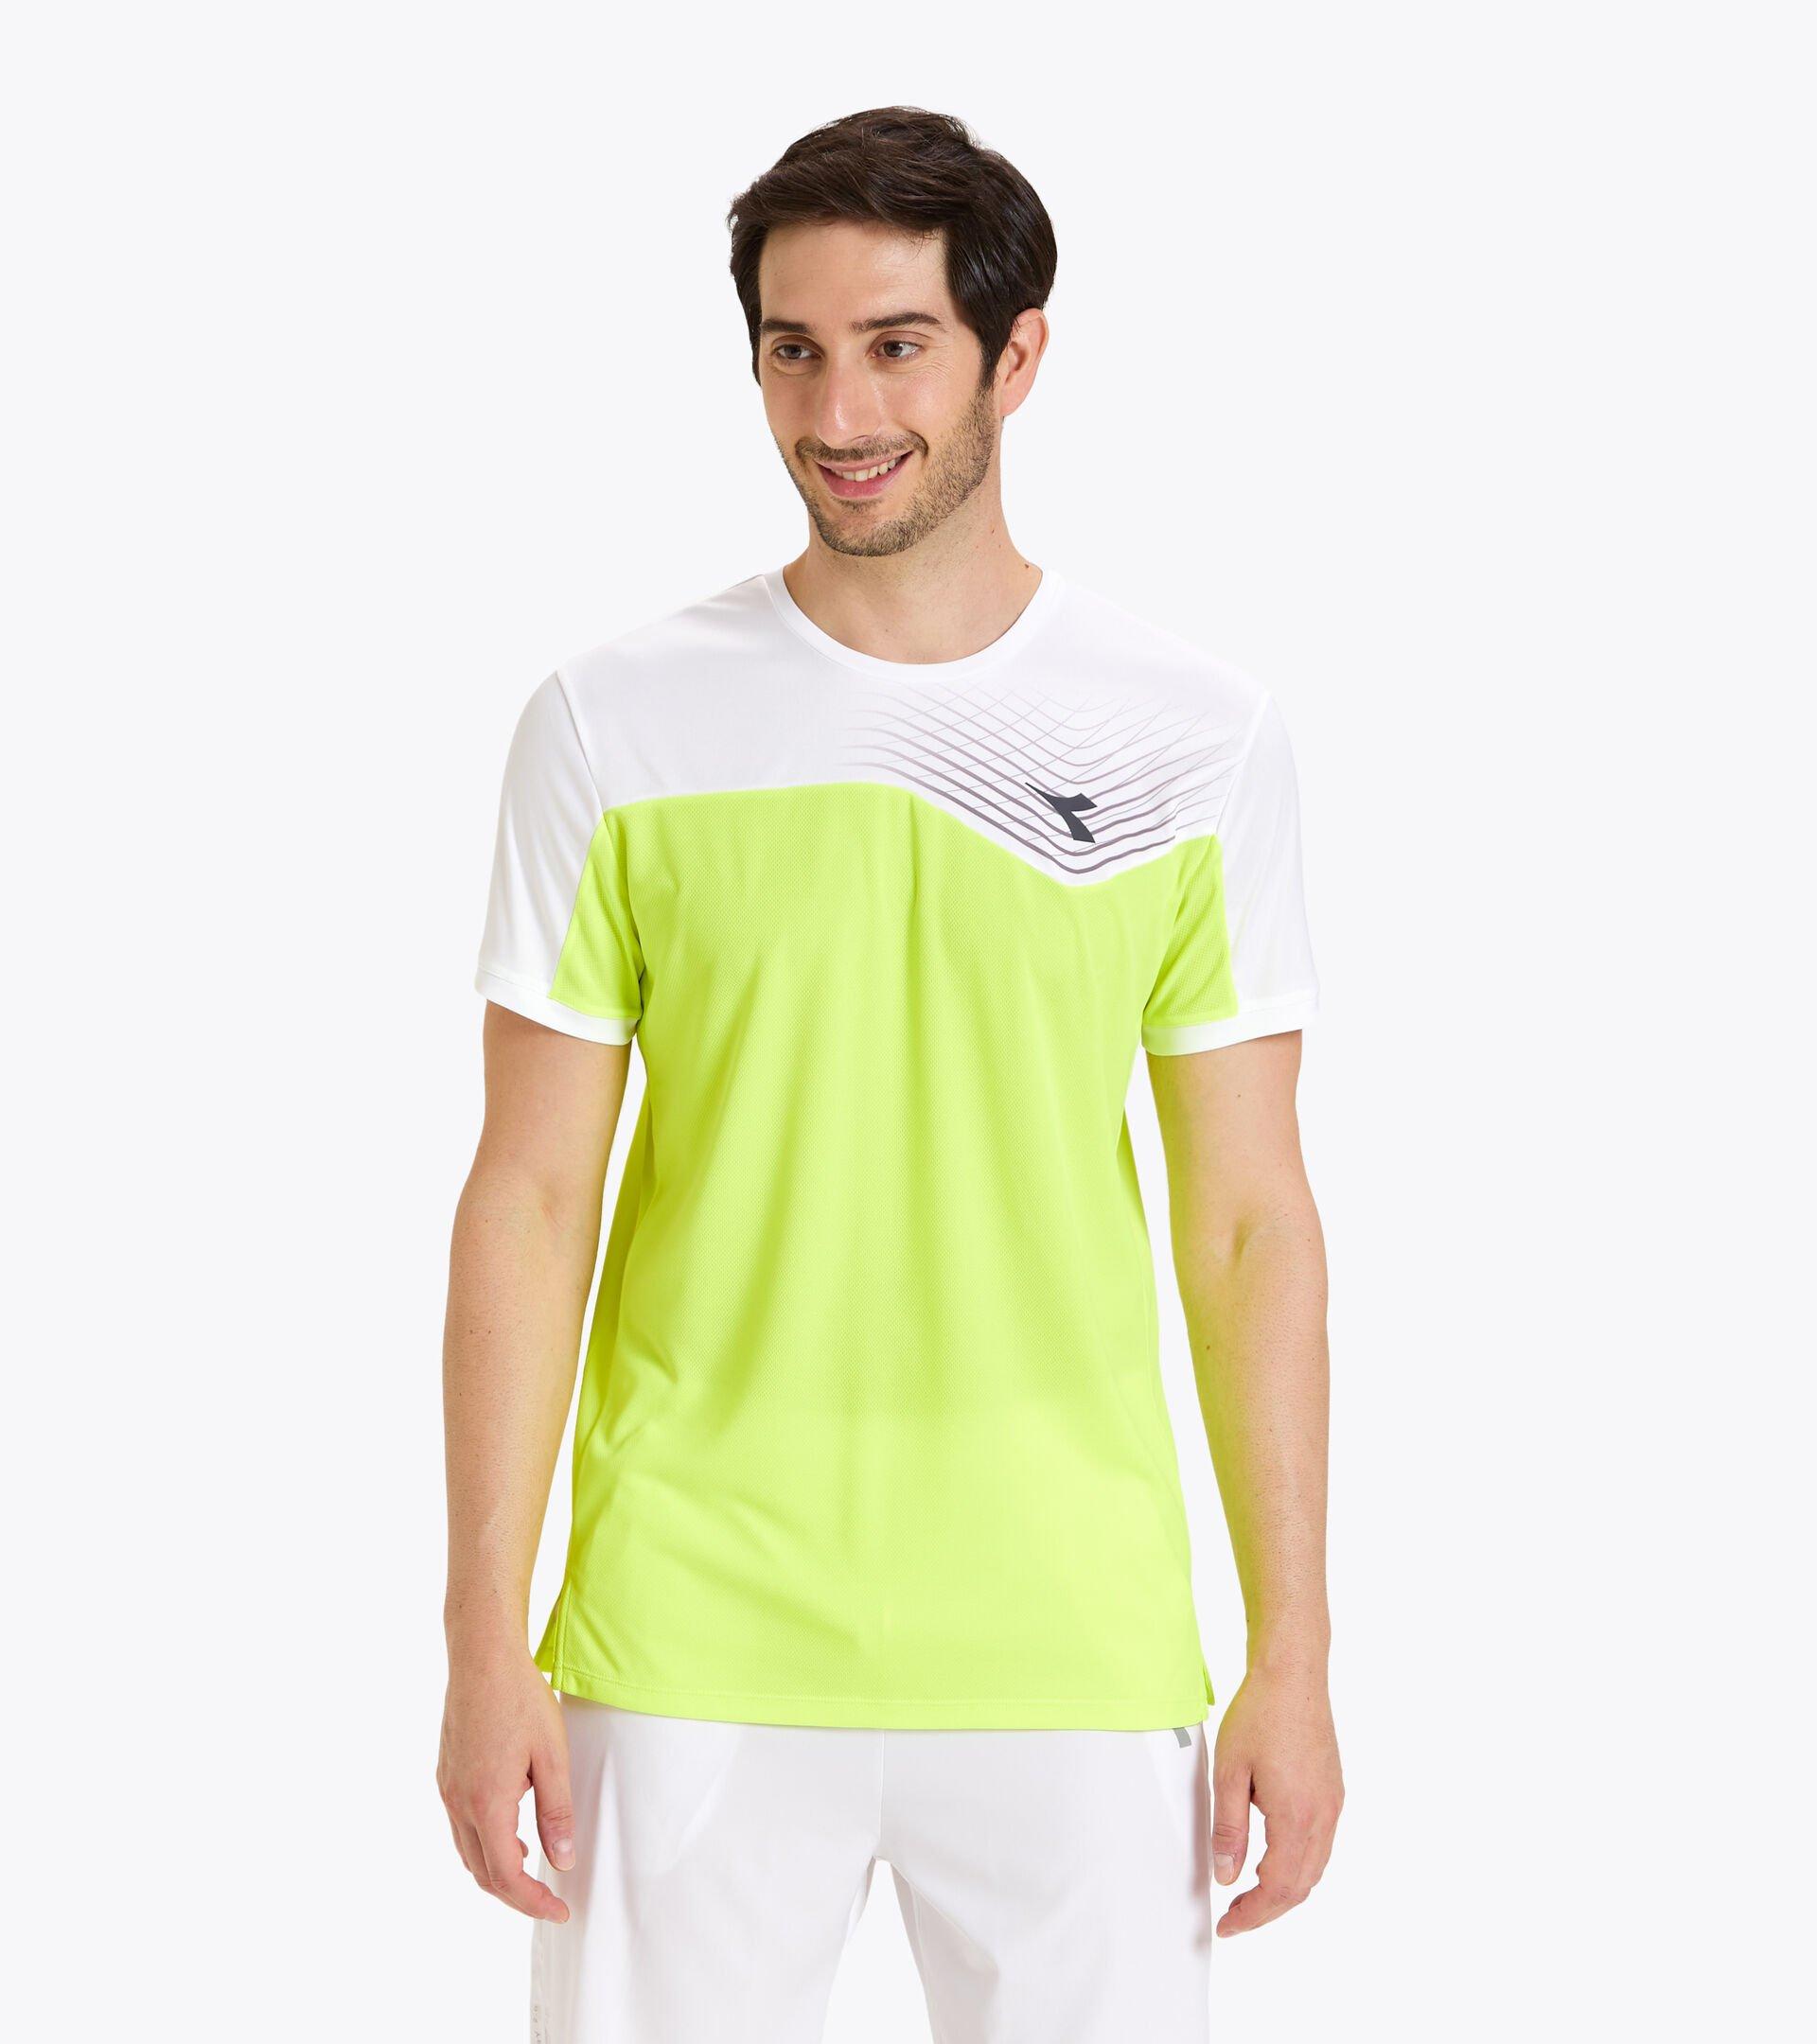 Tennis-T-Shirt - Herren T-SHIRT COURT FLUO GELB DD - Diadora